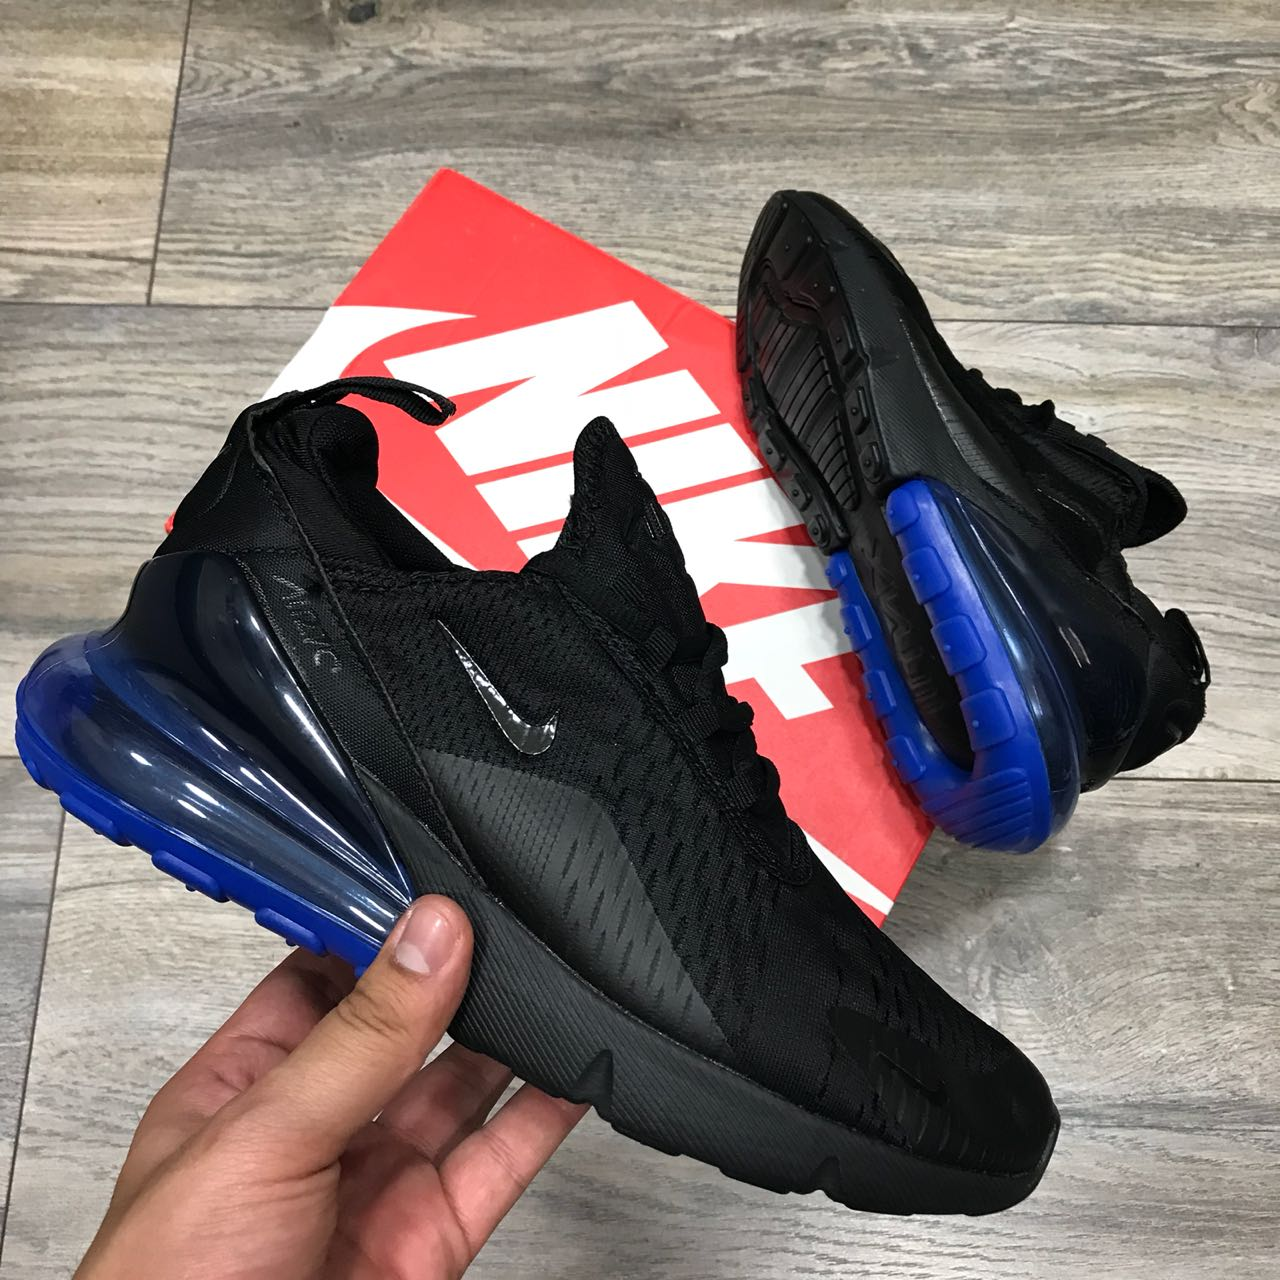 Zapatillas Nike air max 270 Importadas dama y caballero